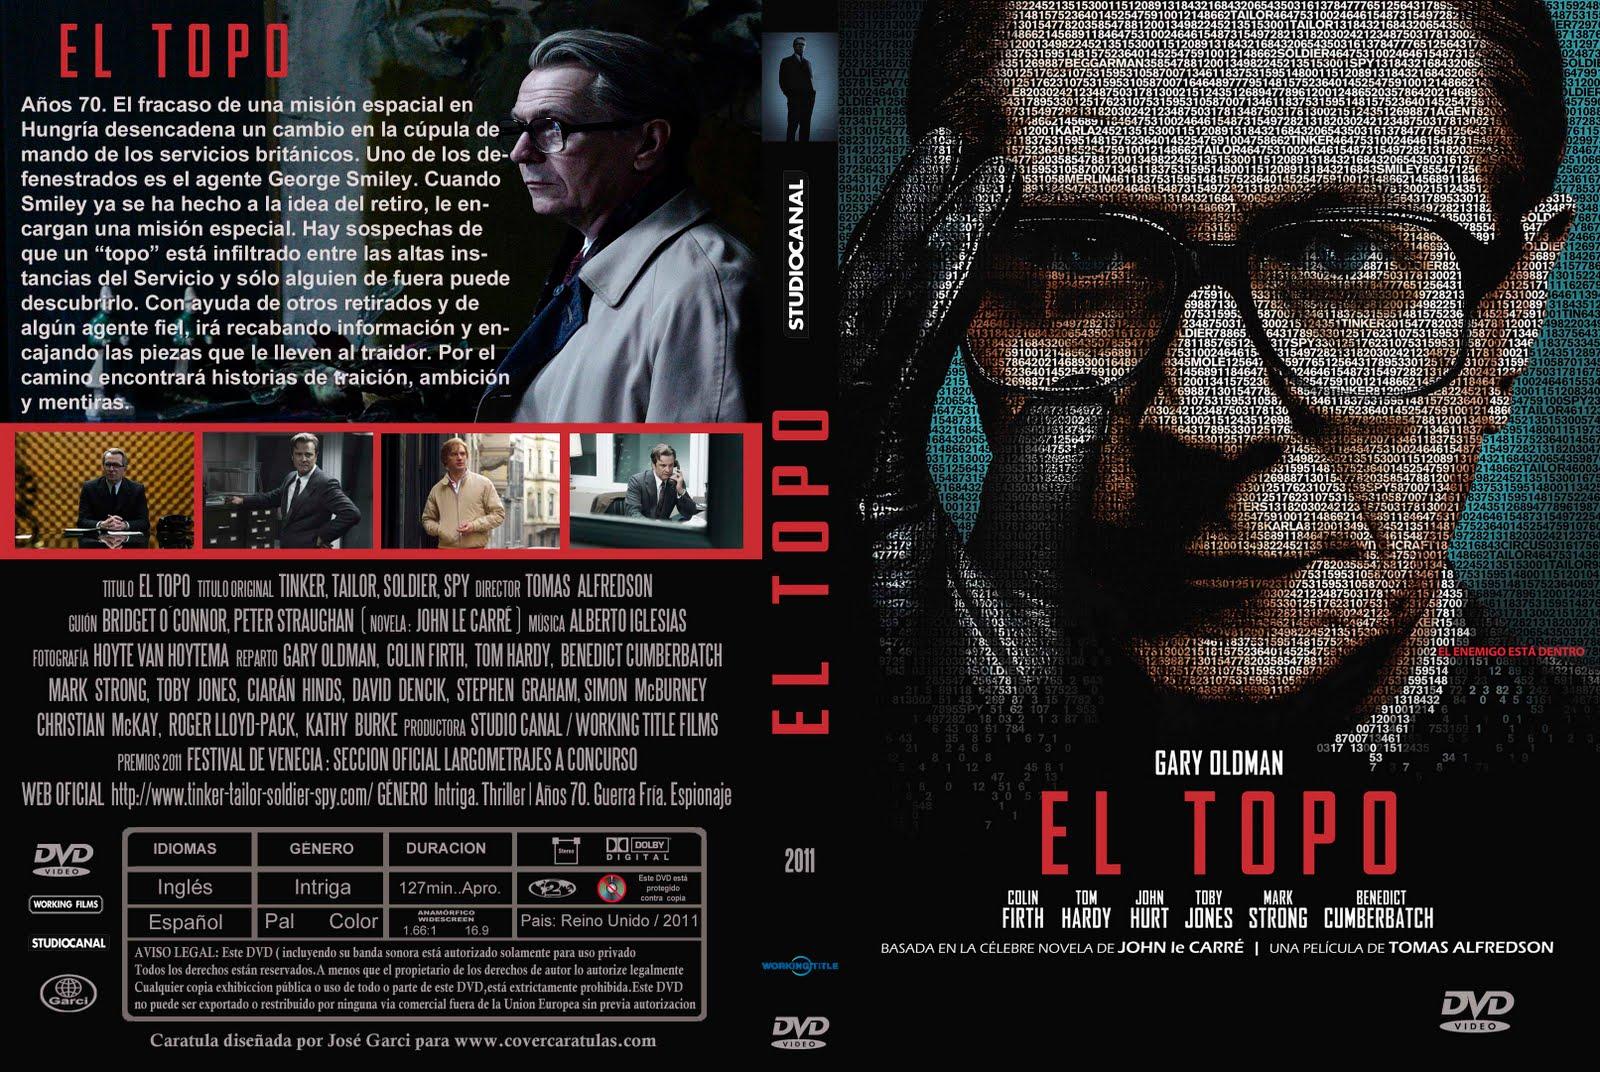 http://3.bp.blogspot.com/-wQM9yUG6Iqo/T2DFUJgQhwI/AAAAAAAABQ0/ch44OqXomXM/s1600/El+Topo+2011+Custom+Por+Josegarci+-+dvd.jpg